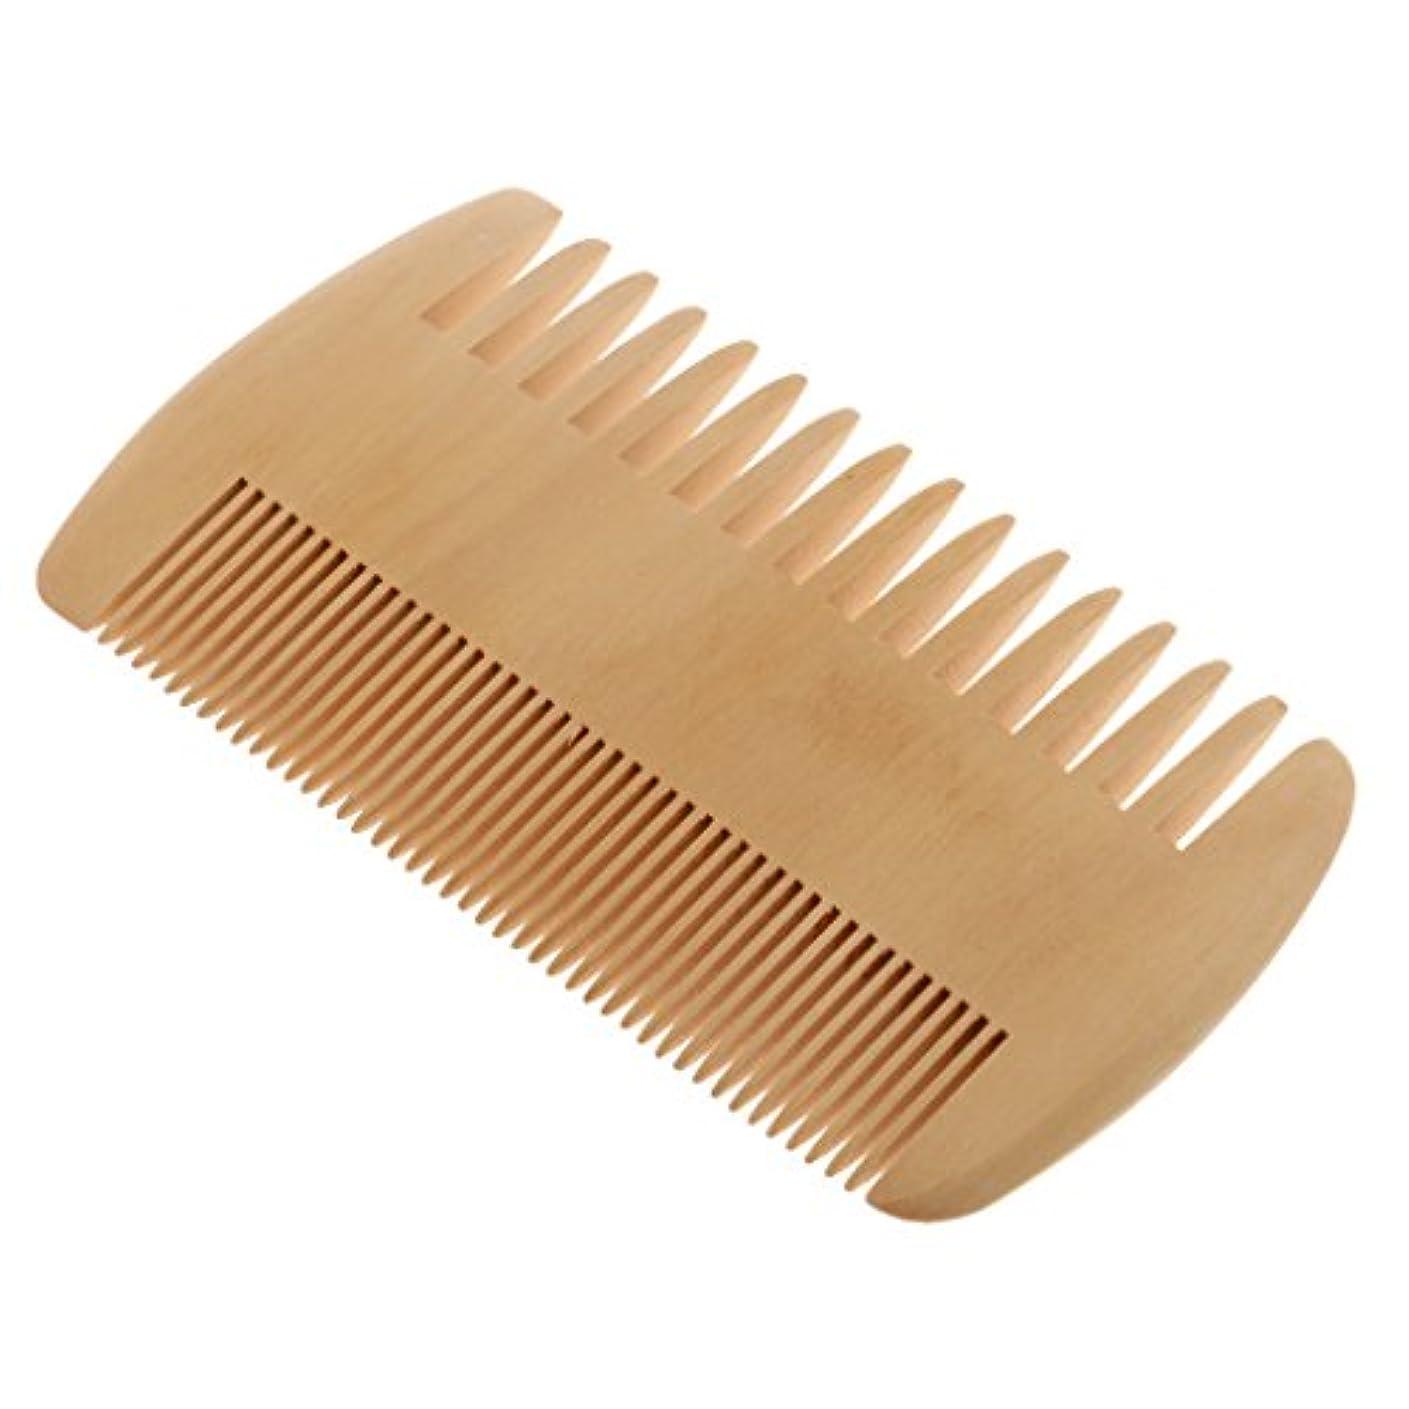 抵当セットするユダヤ人Toygogo ヘアコーム 木製コーム 木製櫛 ポケットコーム マッサージの櫛 帯電防止 2倍 密度の歯